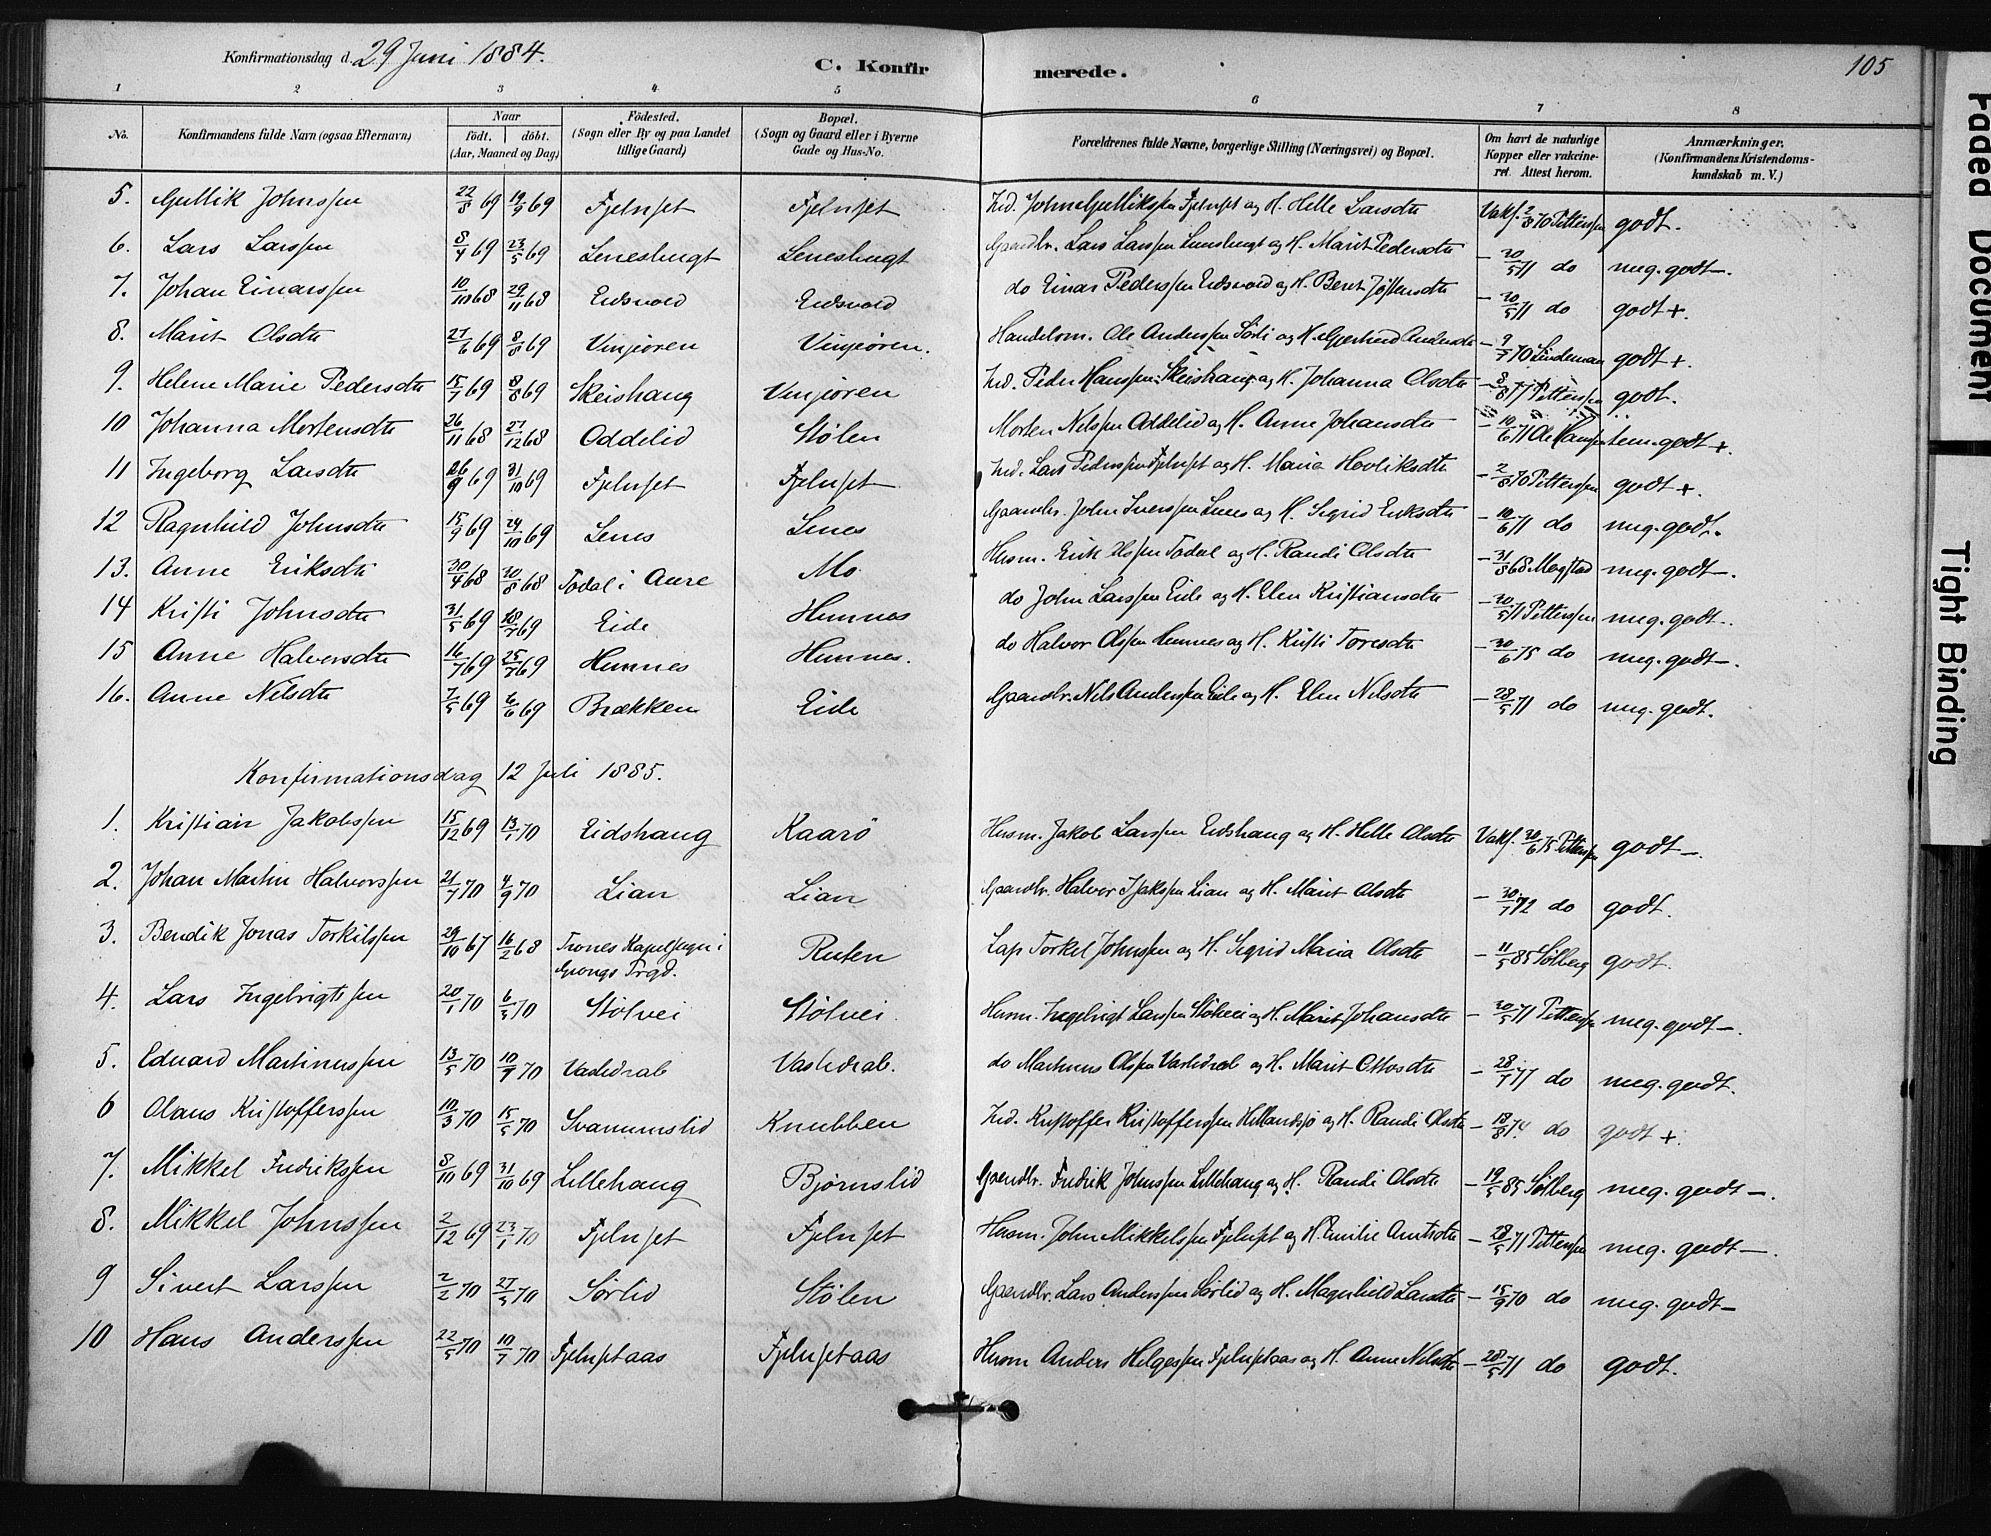 SAT, Ministerialprotokoller, klokkerbøker og fødselsregistre - Sør-Trøndelag, 631/L0512: Ministerialbok nr. 631A01, 1879-1912, s. 105